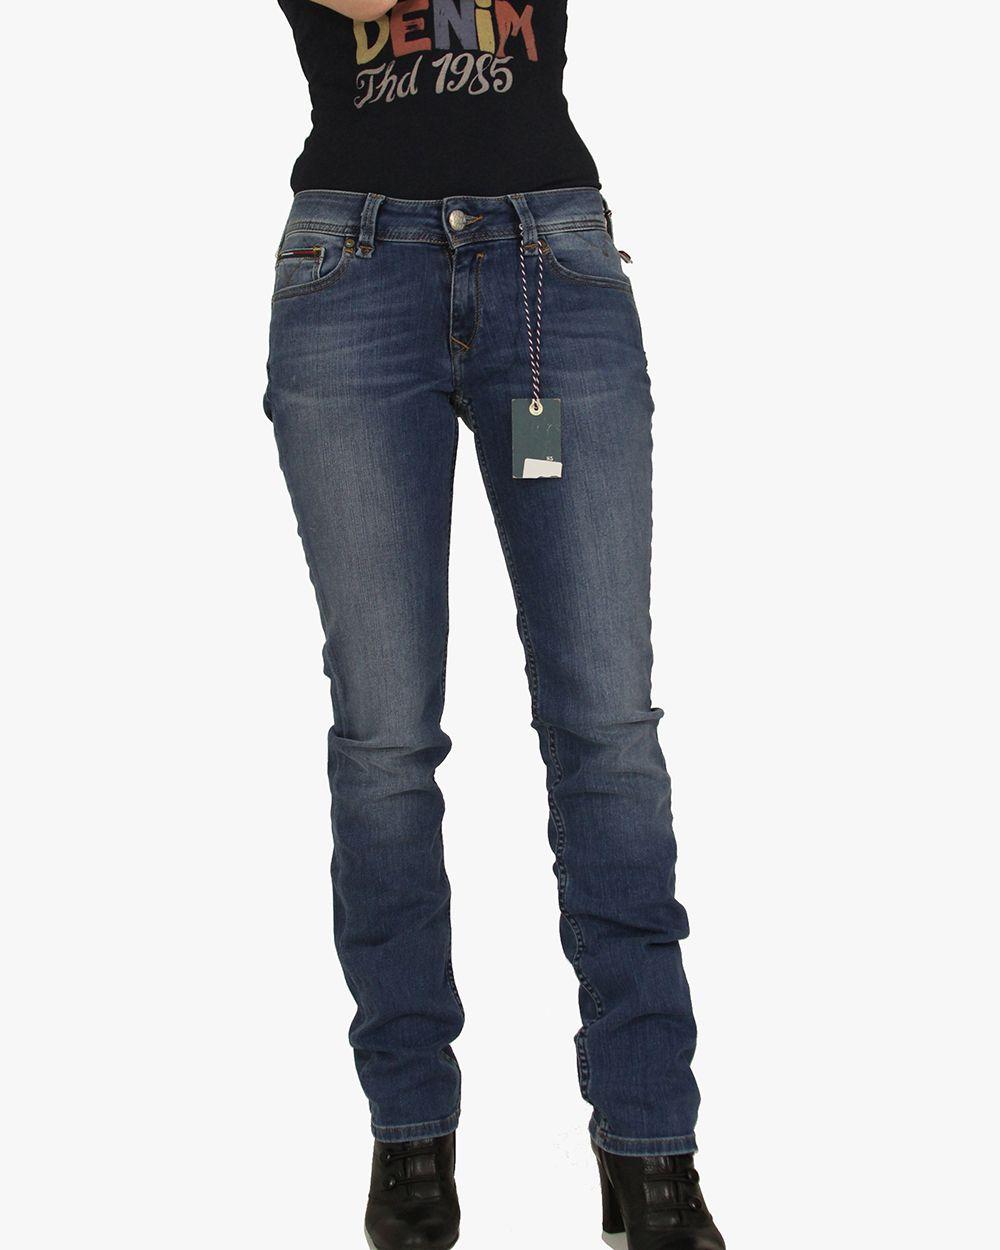 9944aa5783856 Pin od Toger Shop Outlet - odzież markowa na Spodnie damskie jeans ...